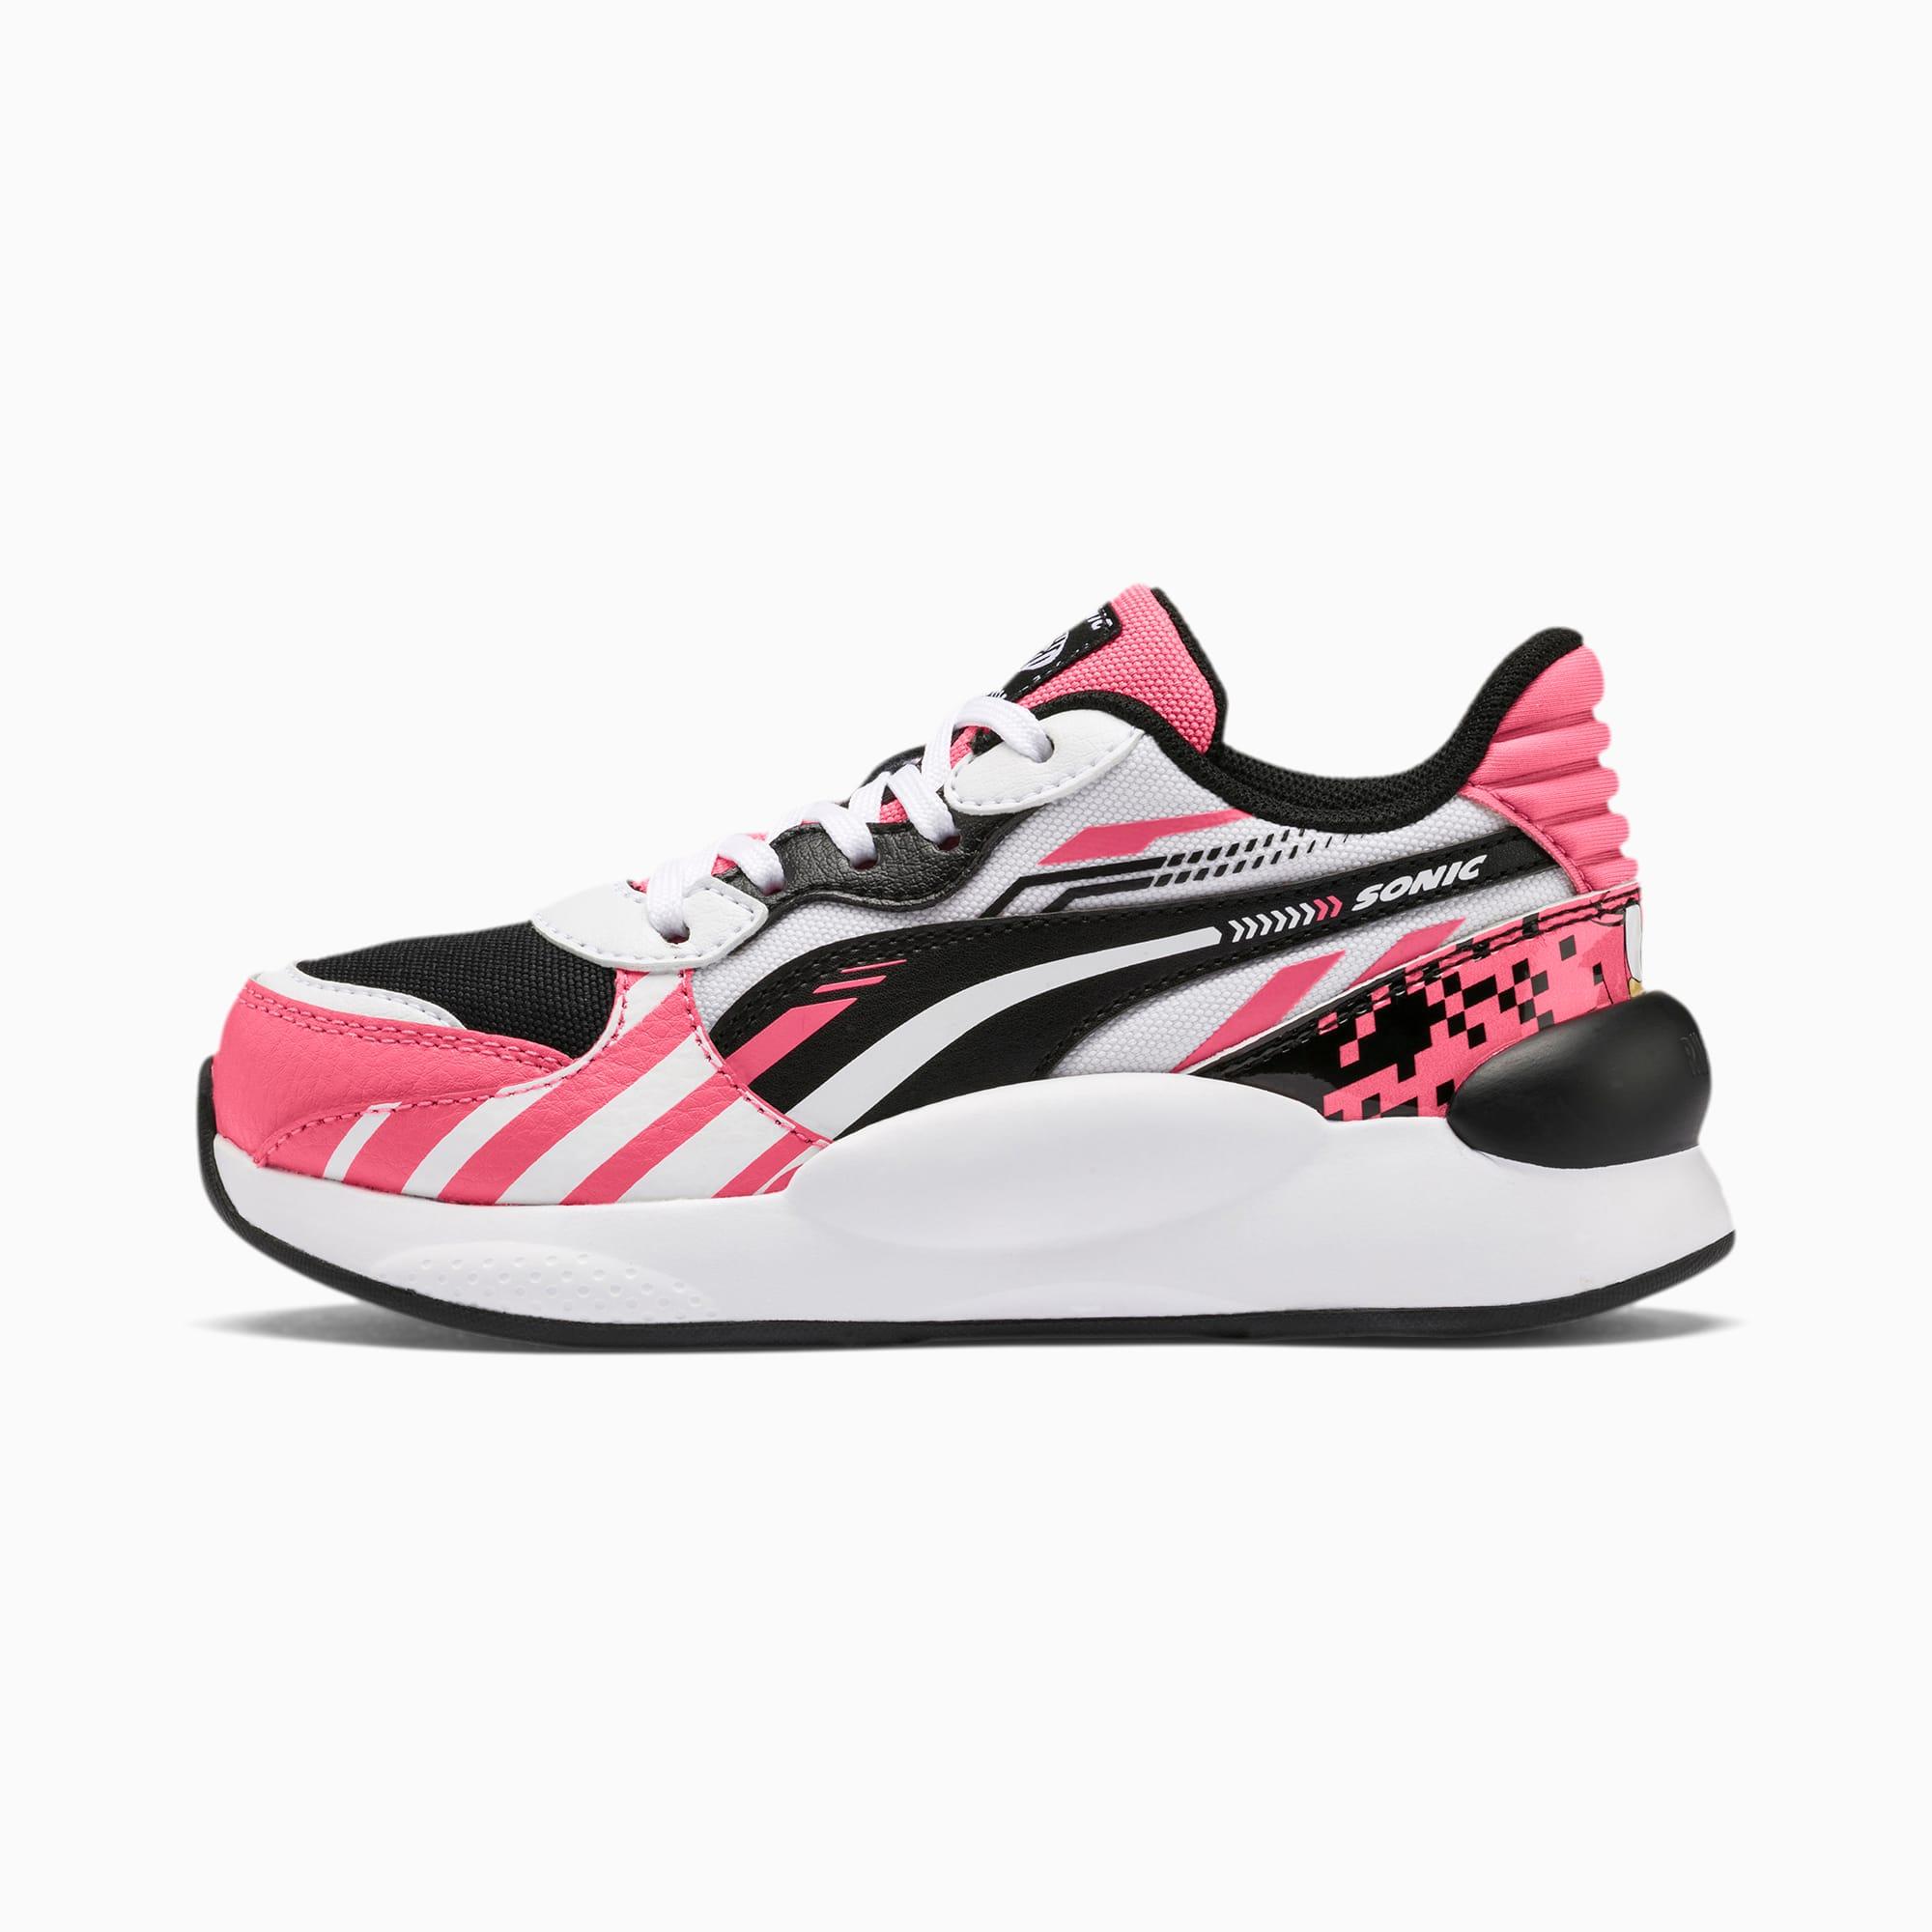 Puma X Sonic Rs 9 8 Little Kids Shoes Puma Us